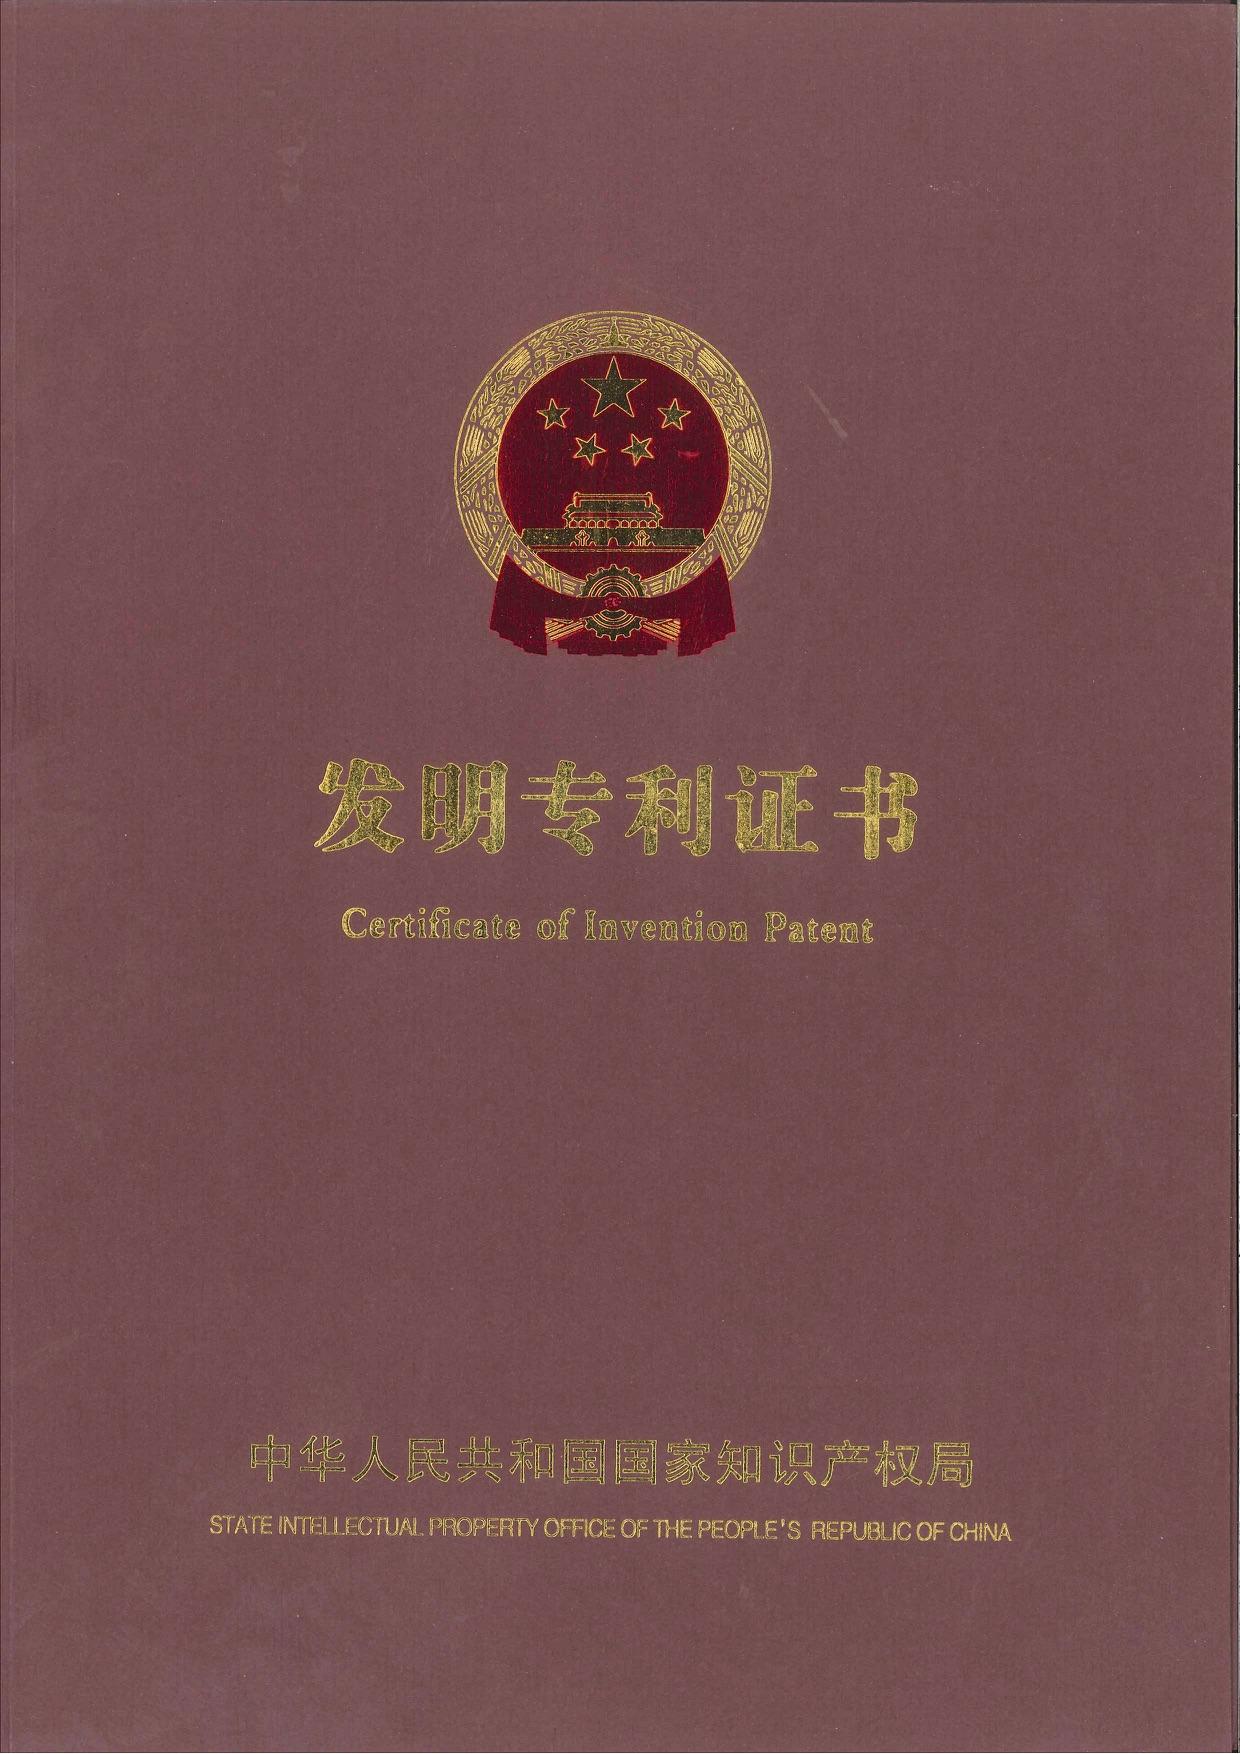 王笑恒发明专利证书mark1